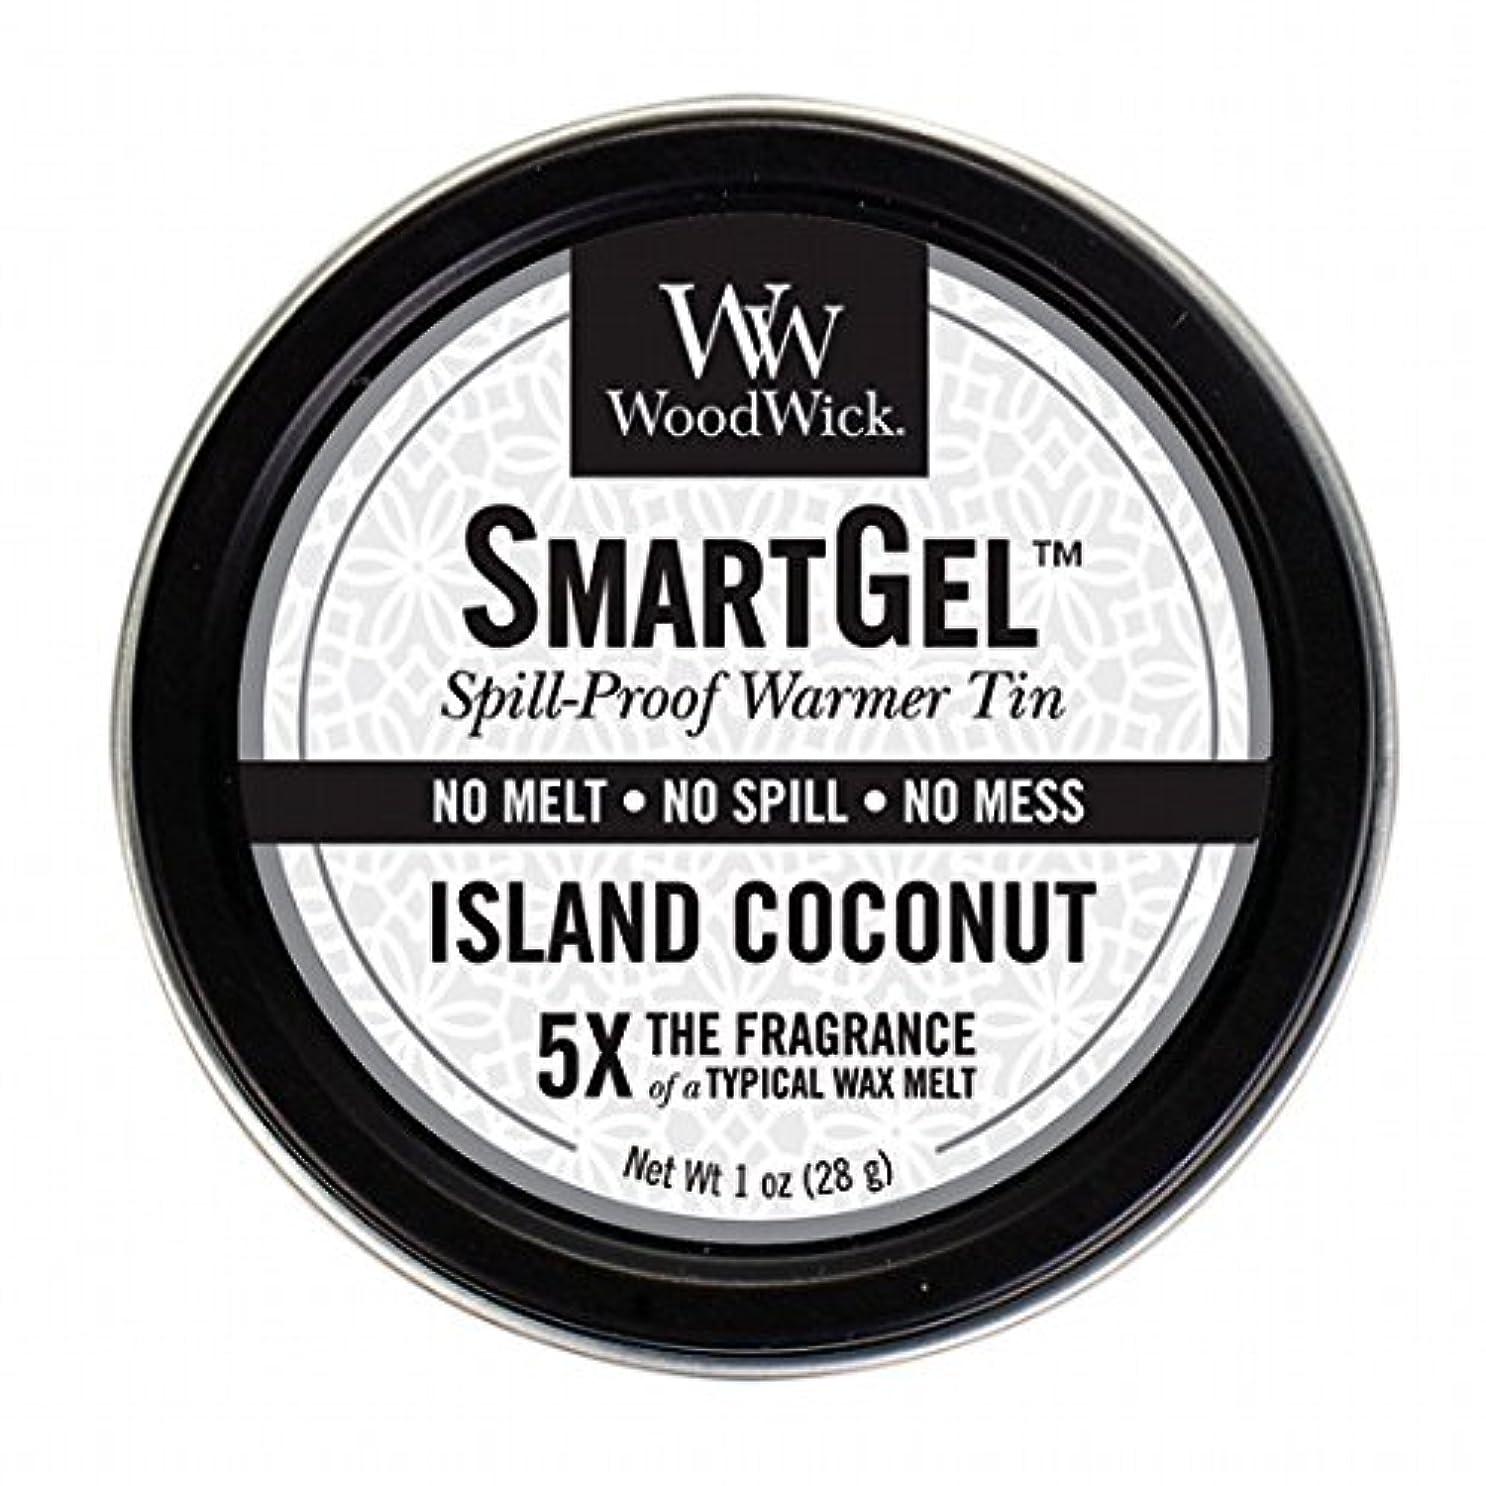 注文液体シュリンクウッドウィック( WoodWick ) Wood Wickスマートジェル 「 アイランドココナッツ 」 W9630560